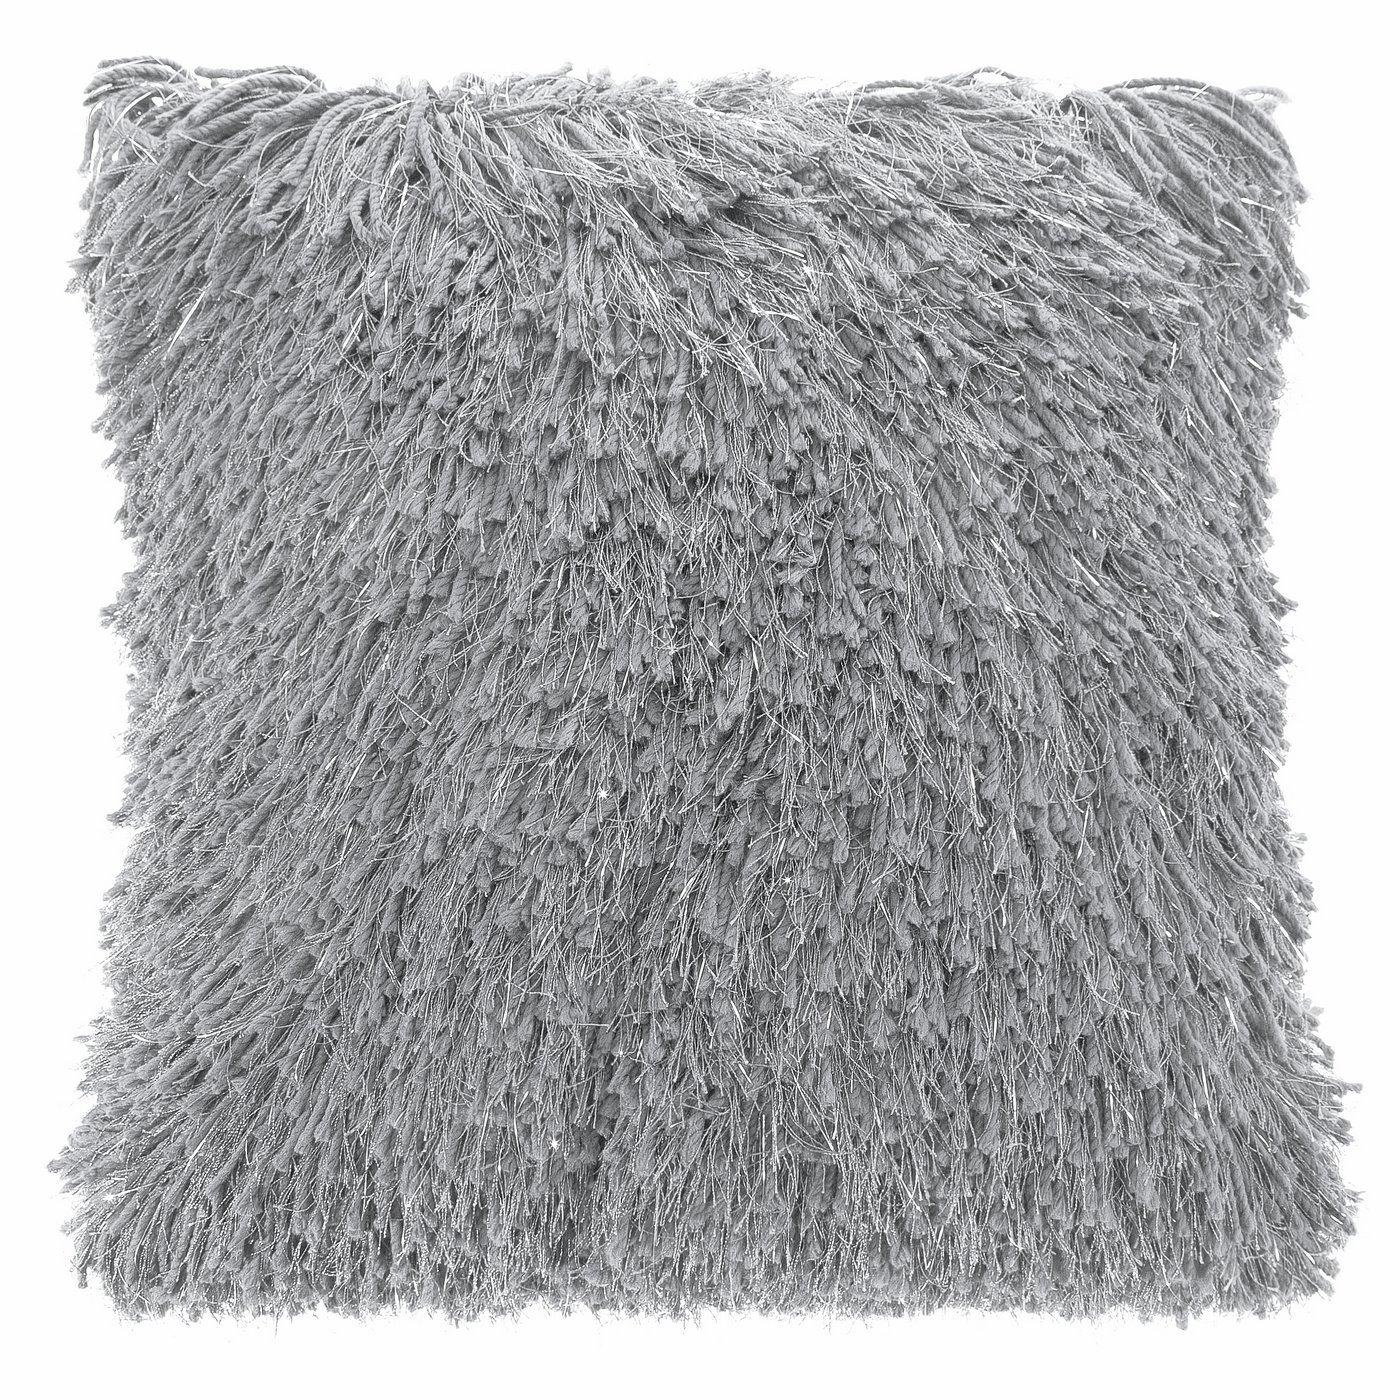 Stalowy POSZEWKA FUTERKOWA ze srebrną nicią 40x40 cm